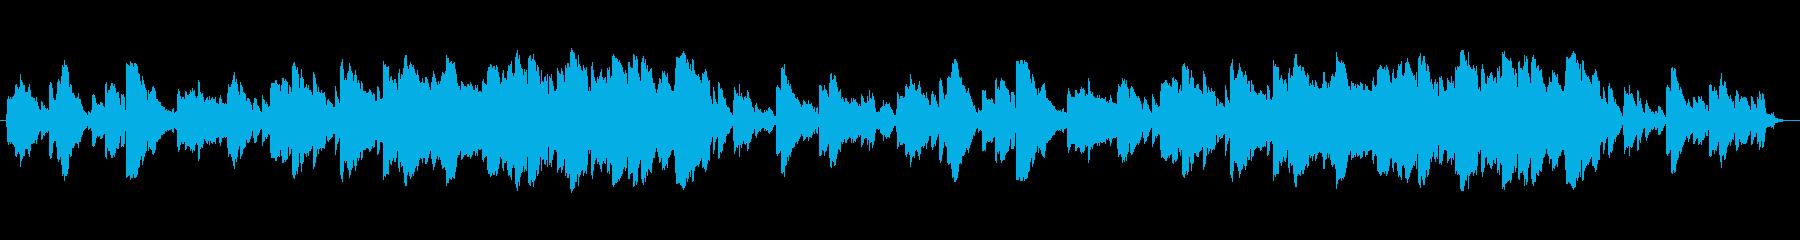 温かく美しいノスタルジックな楽曲の再生済みの波形